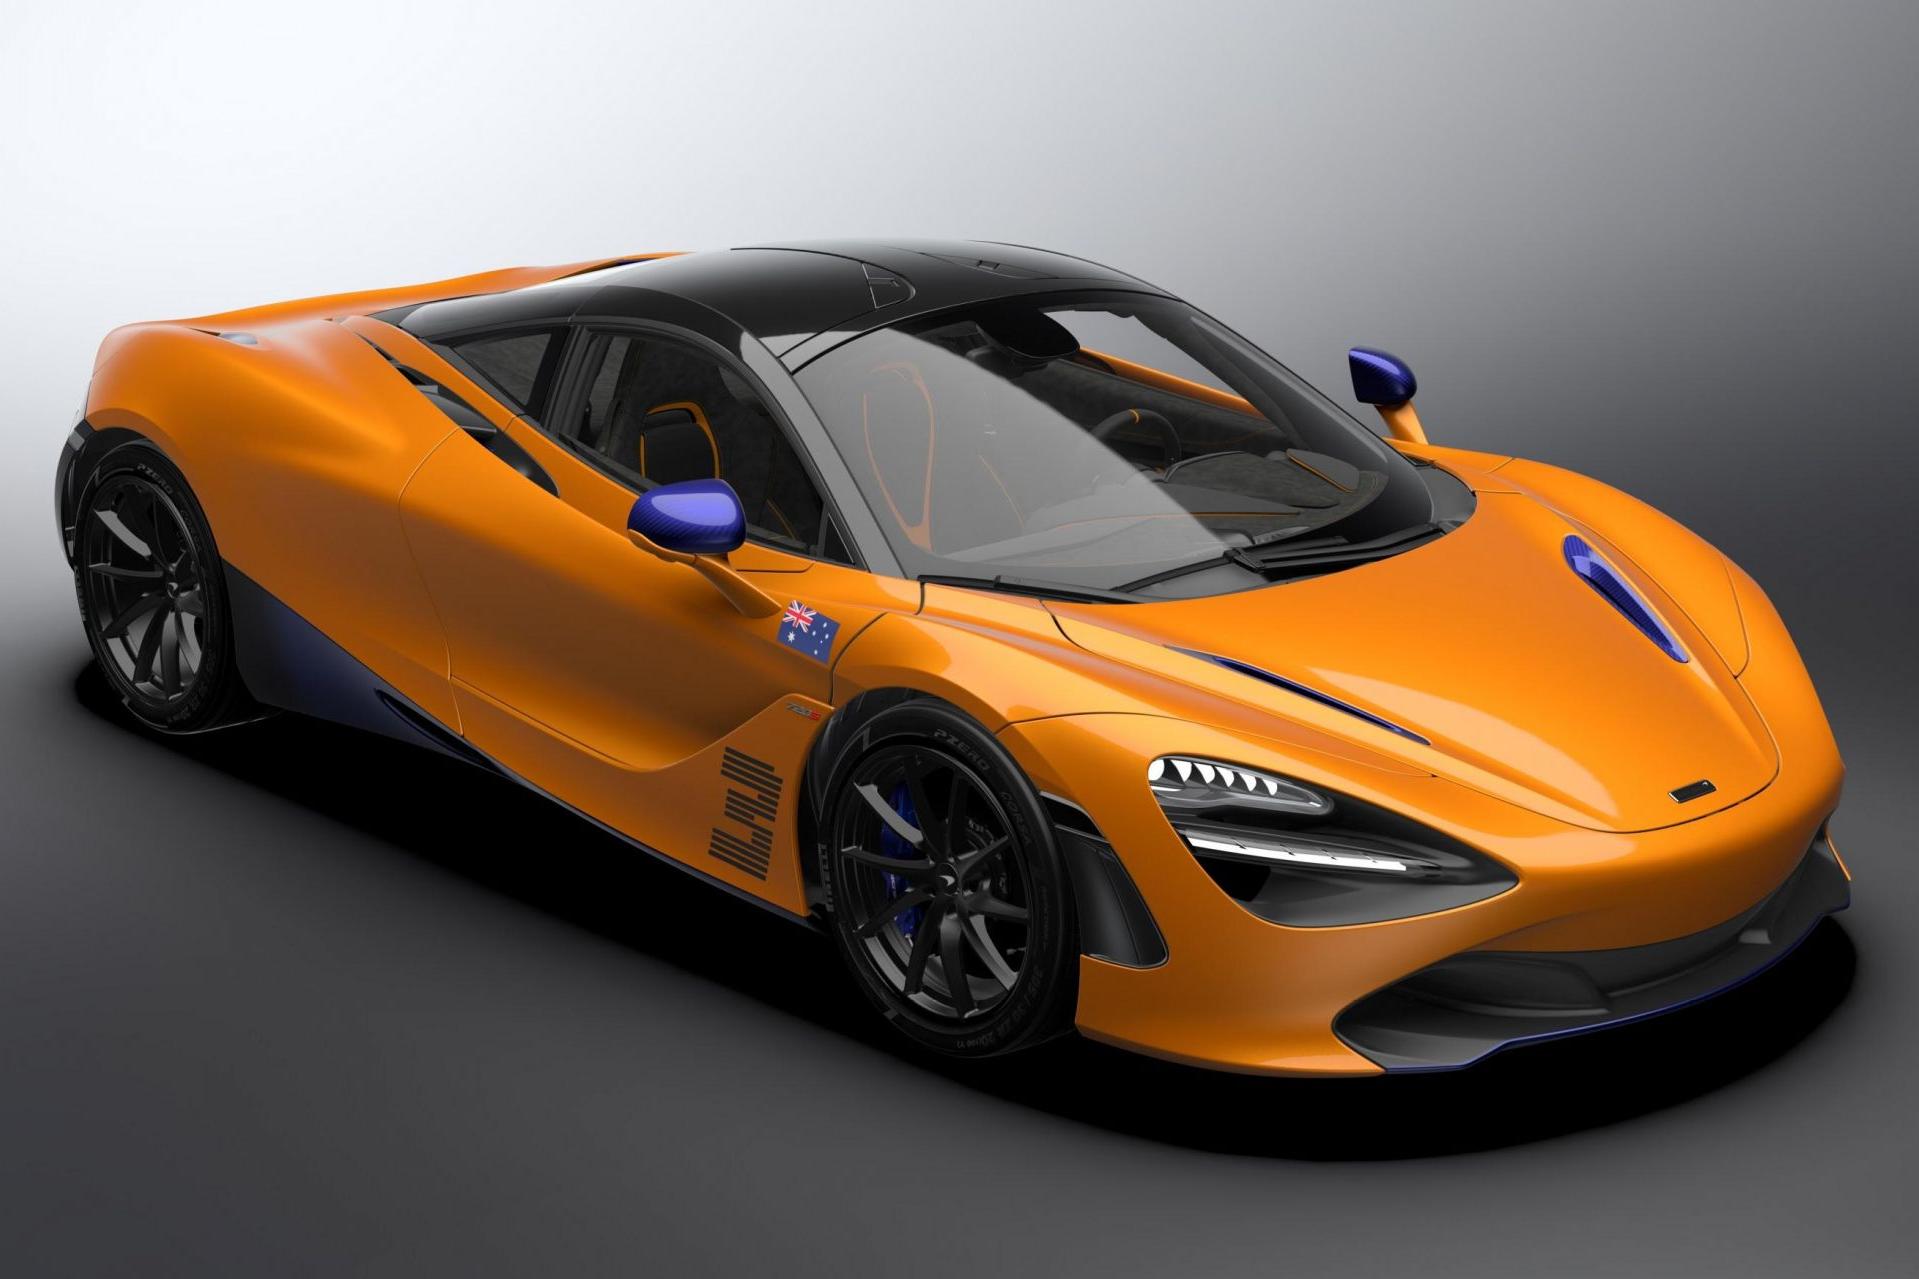 McLaren 720S phien ban gioi han anh 2